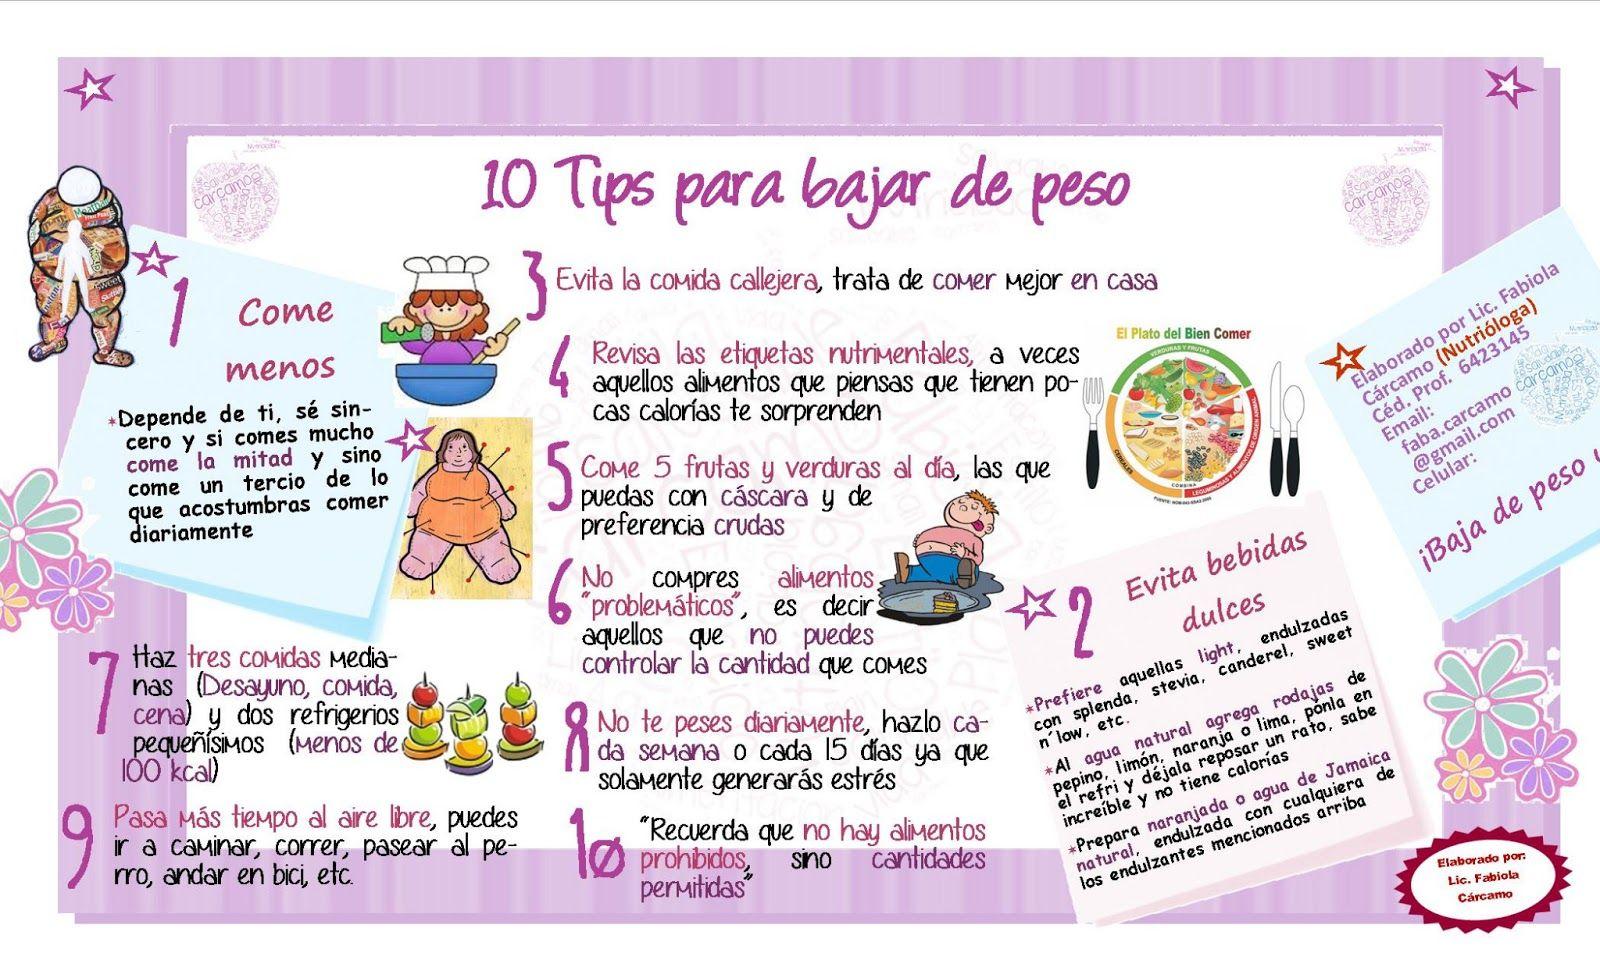 Comida dietetica para bajar de peso recetas de camarones